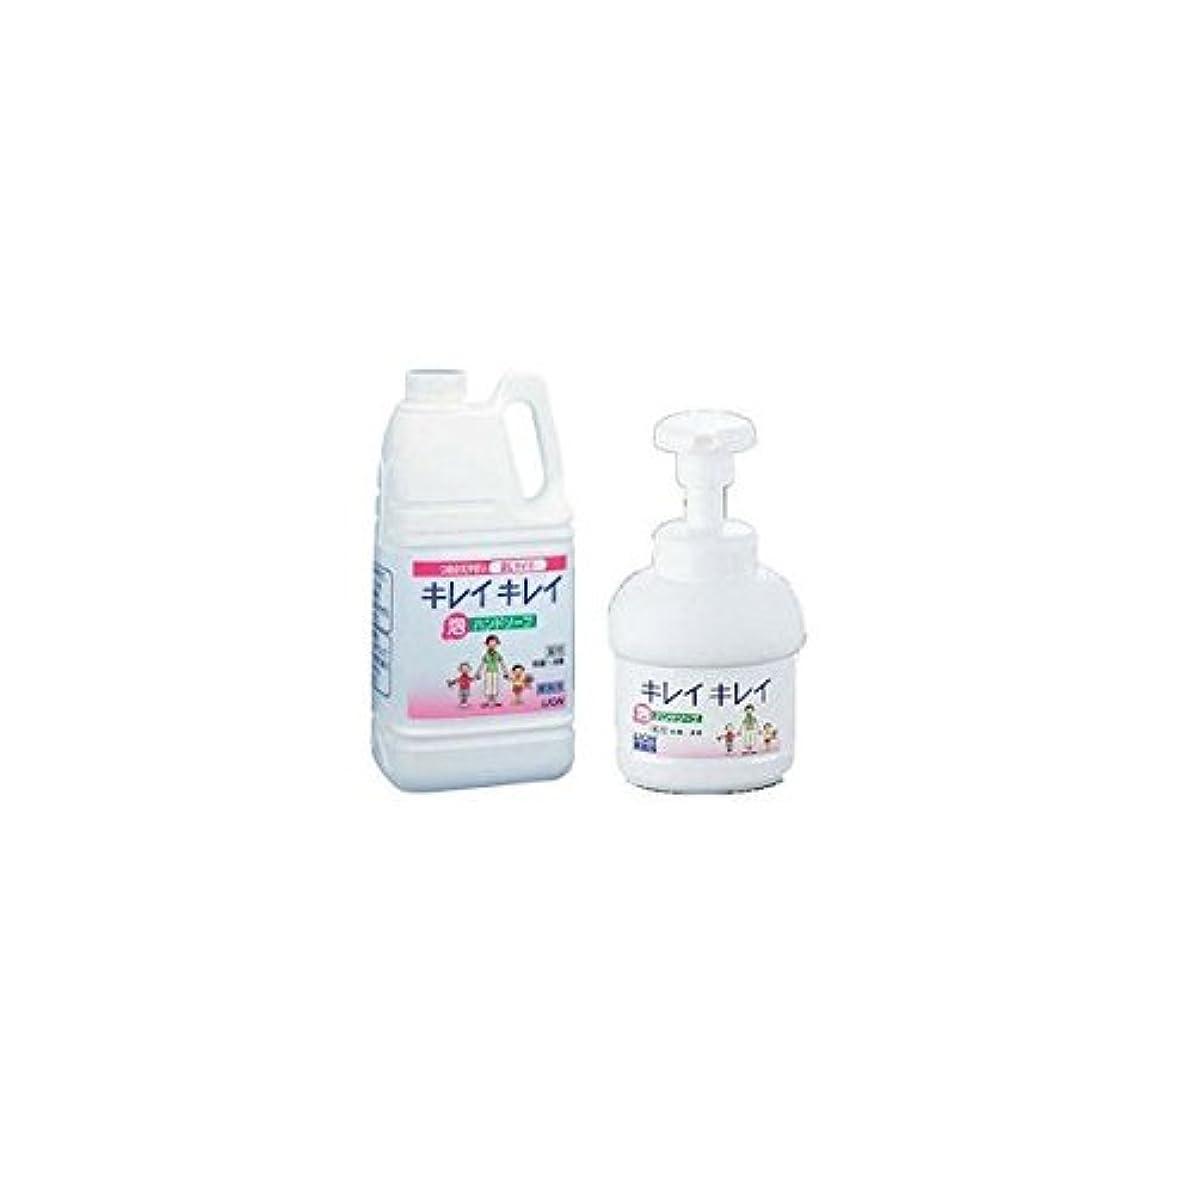 ラビリンス捧げる連想ライオン キレイキレイ薬用泡ハンドソープ 2L(250MLポンプ付) 【品番】JHV2501